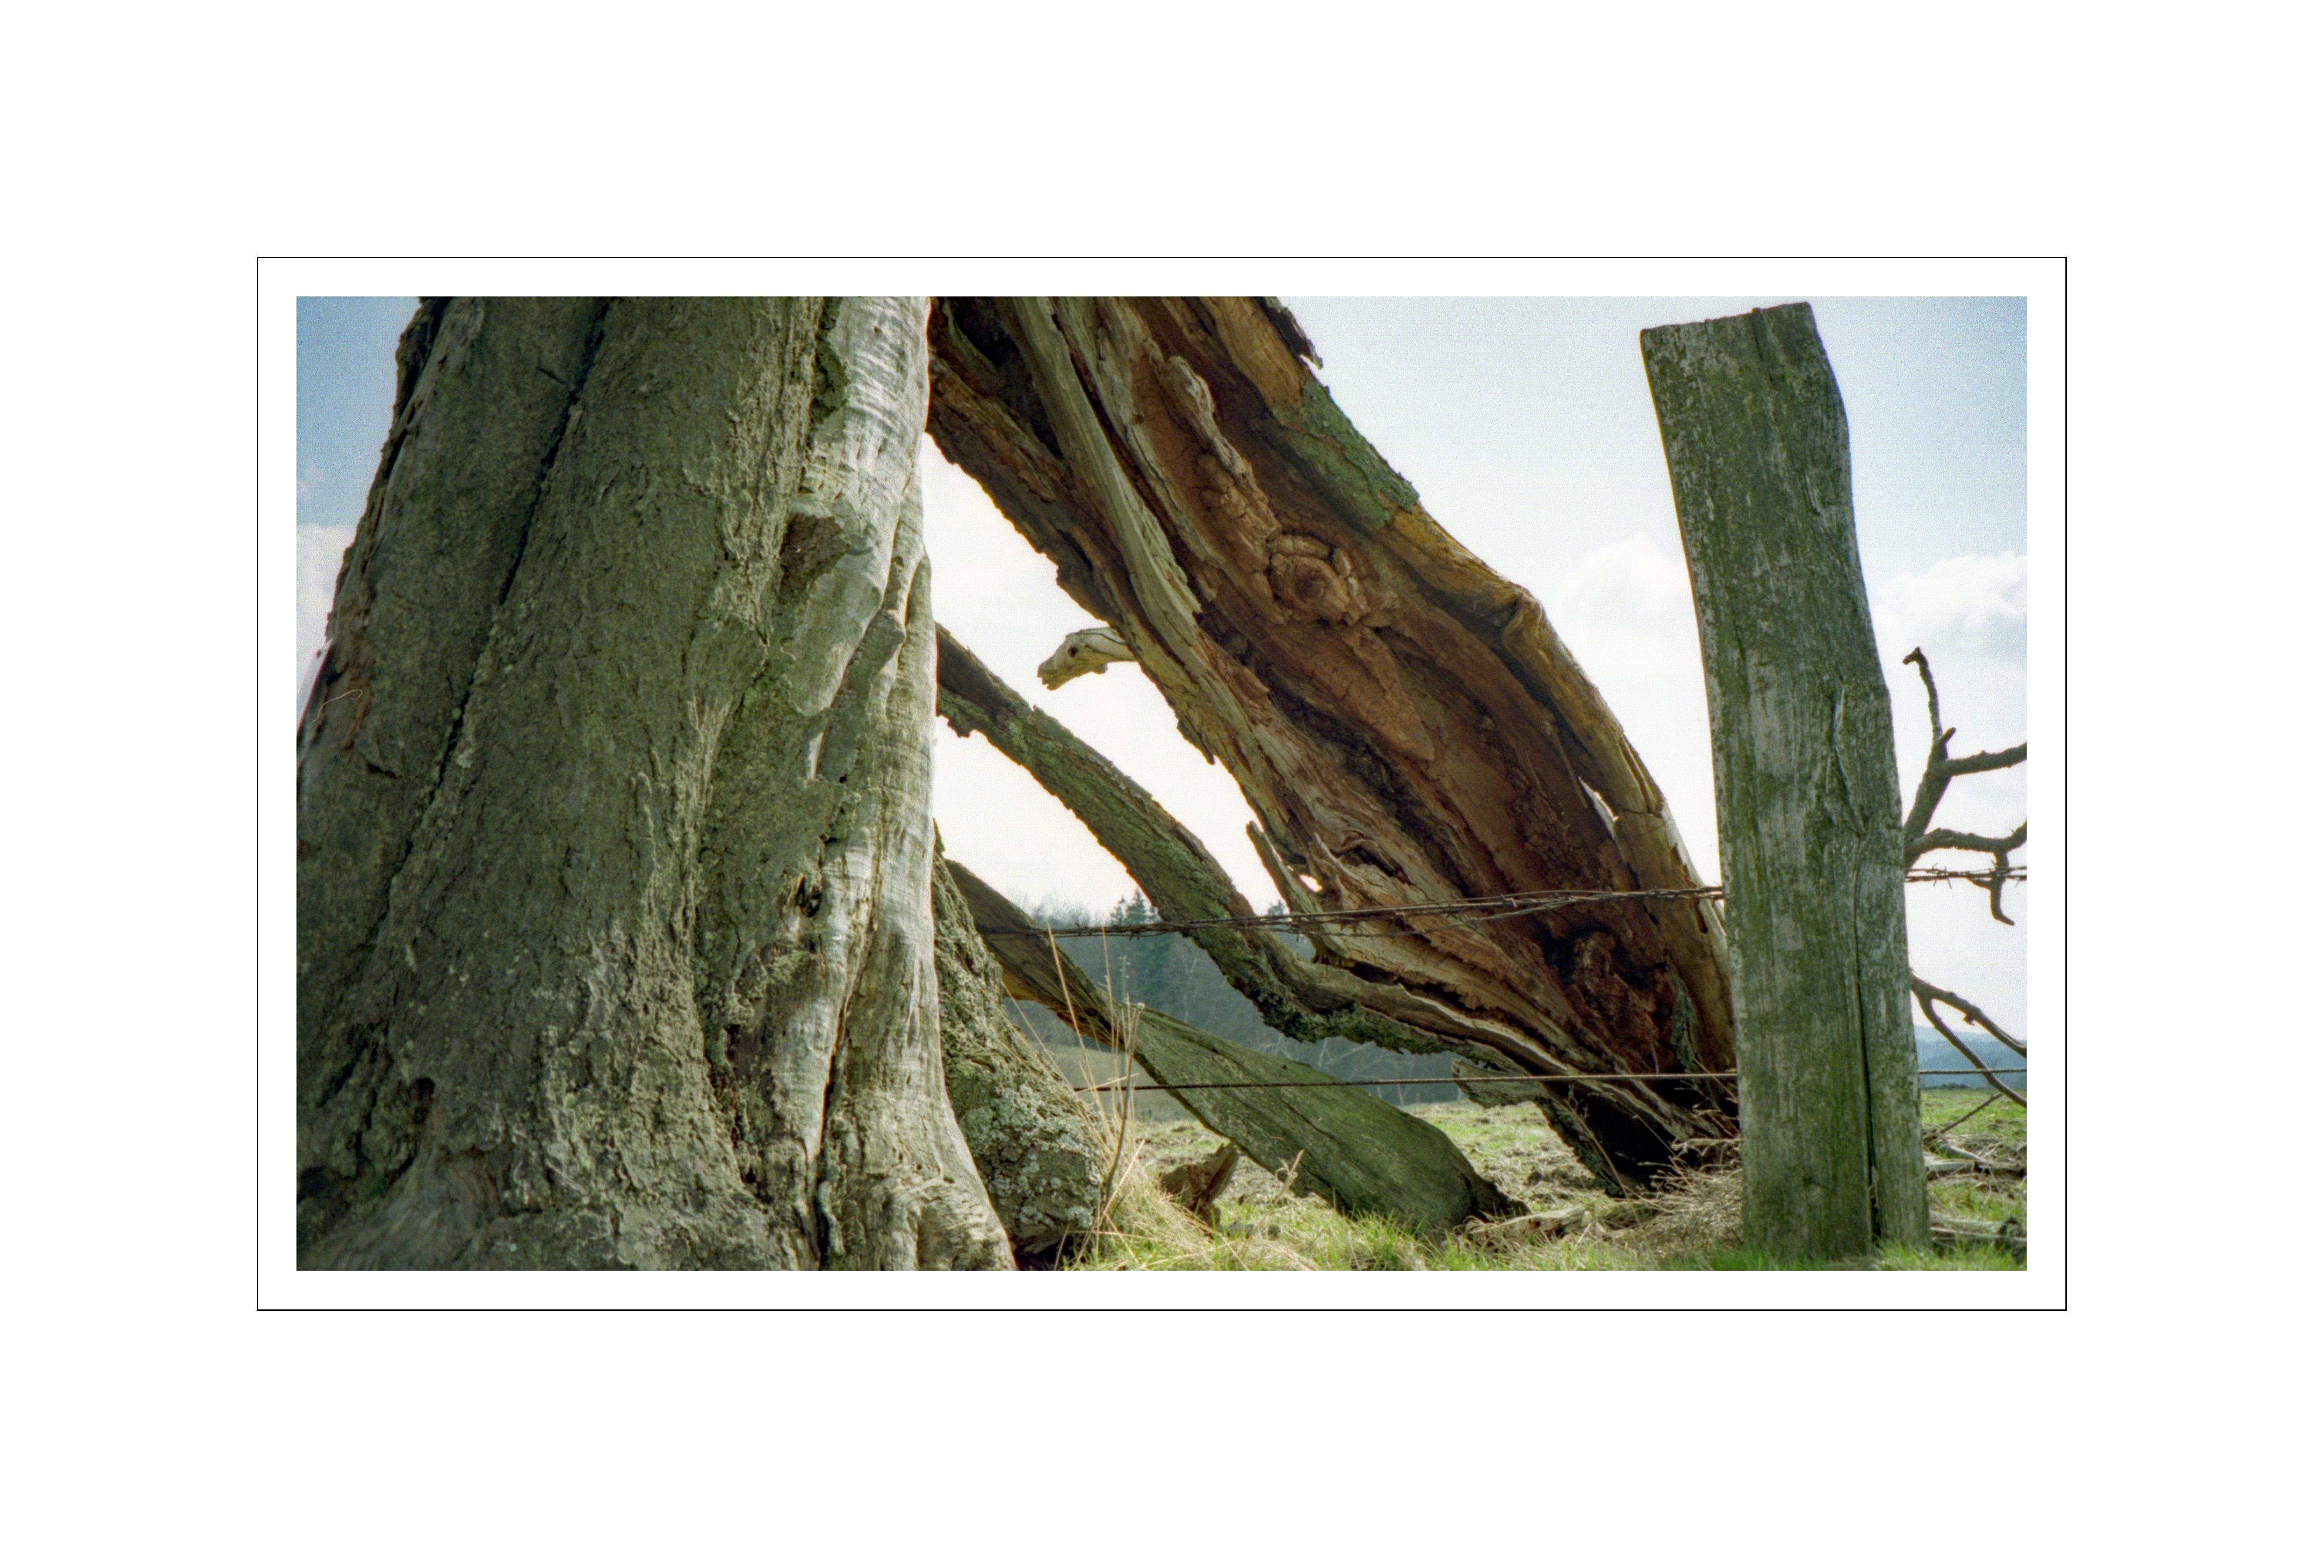 (Natur / C. J., 2002)